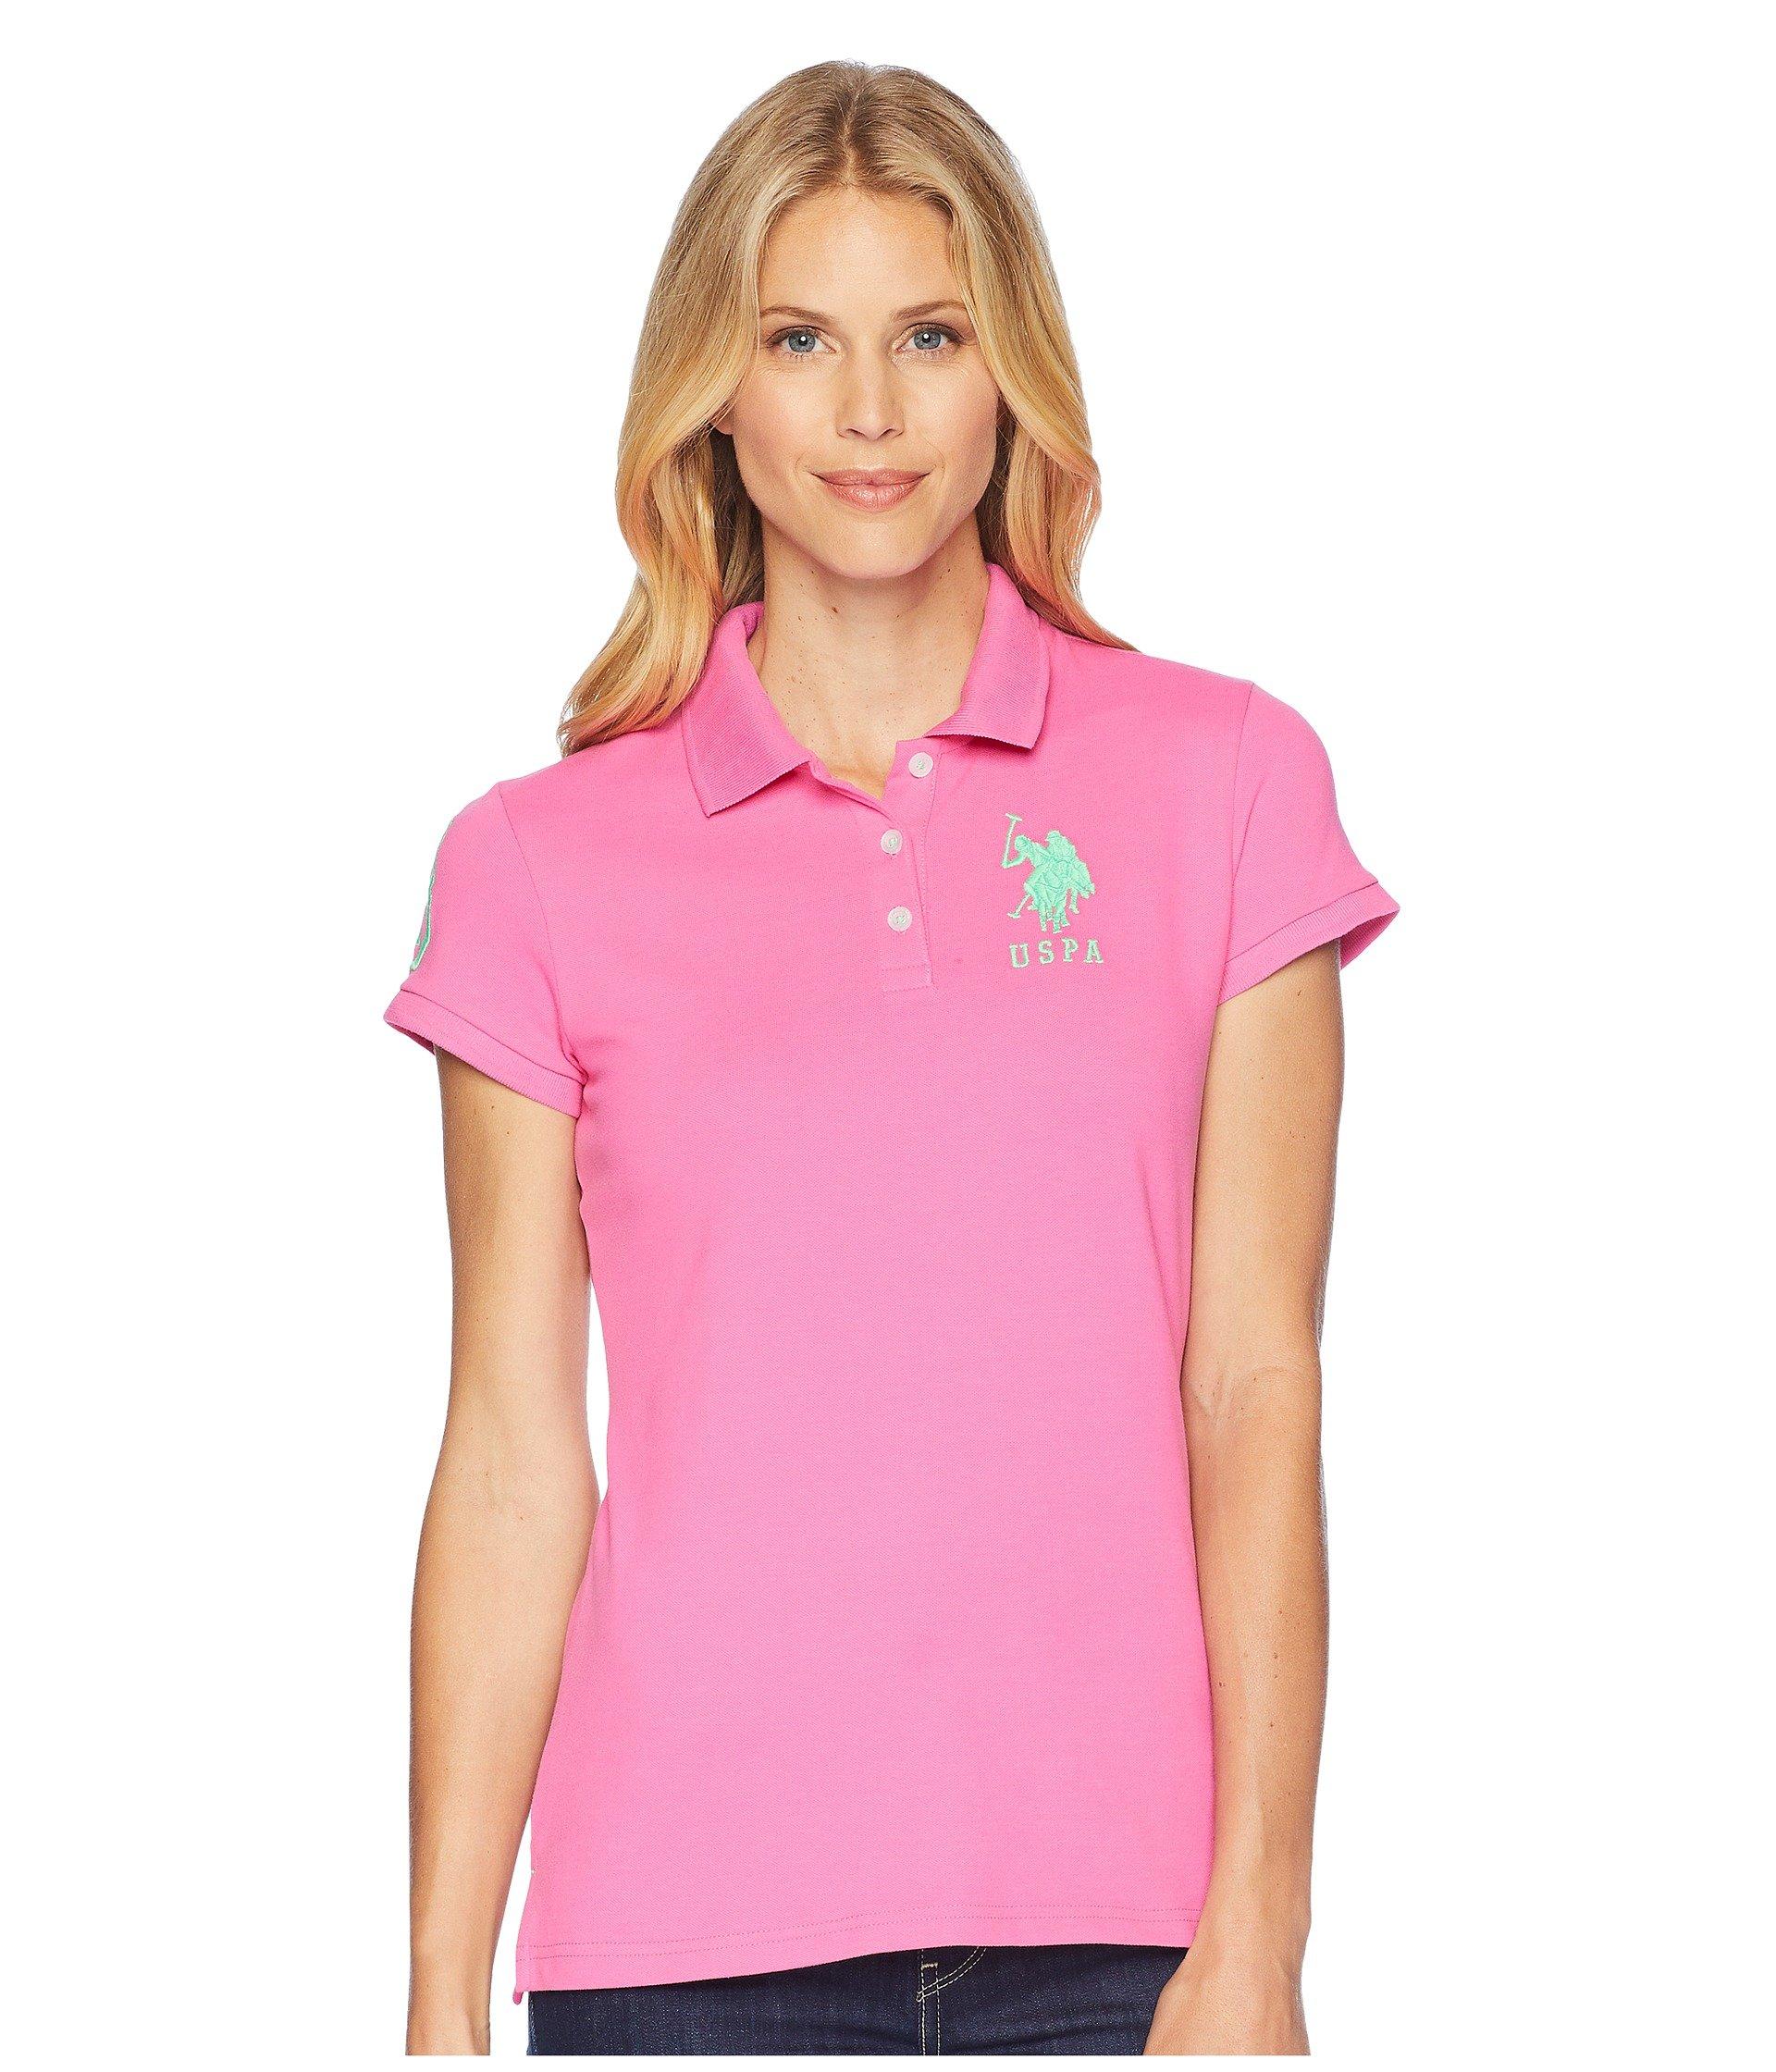 Camiseta Tipo Polo para Mujer U.S. POLO ASSN. USPA Solid Polo  + U.S. POLO ASSN. en VeoyCompro.net